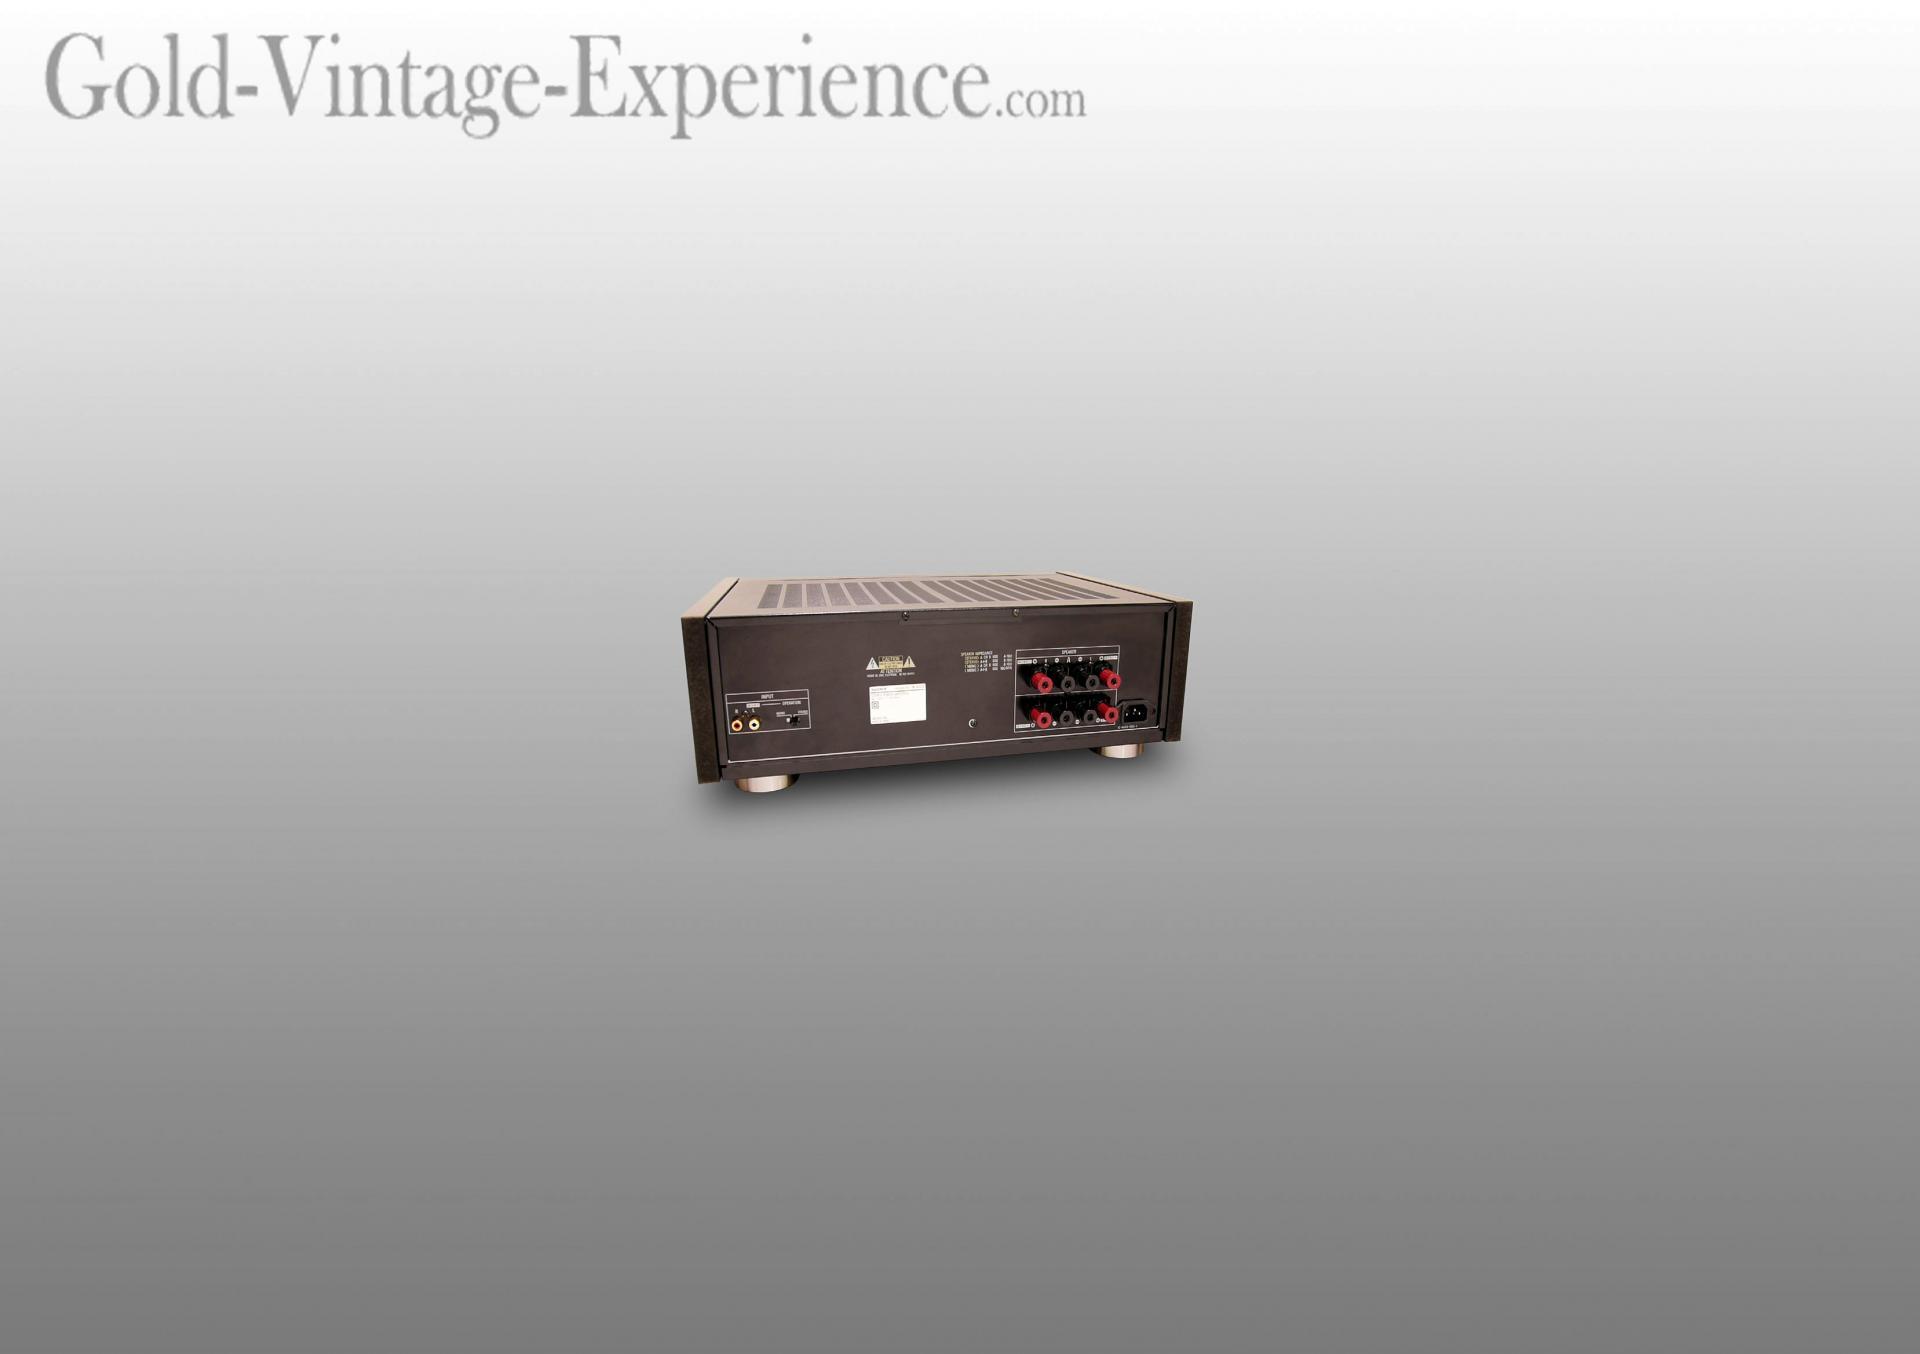 Sony ta n55es 02